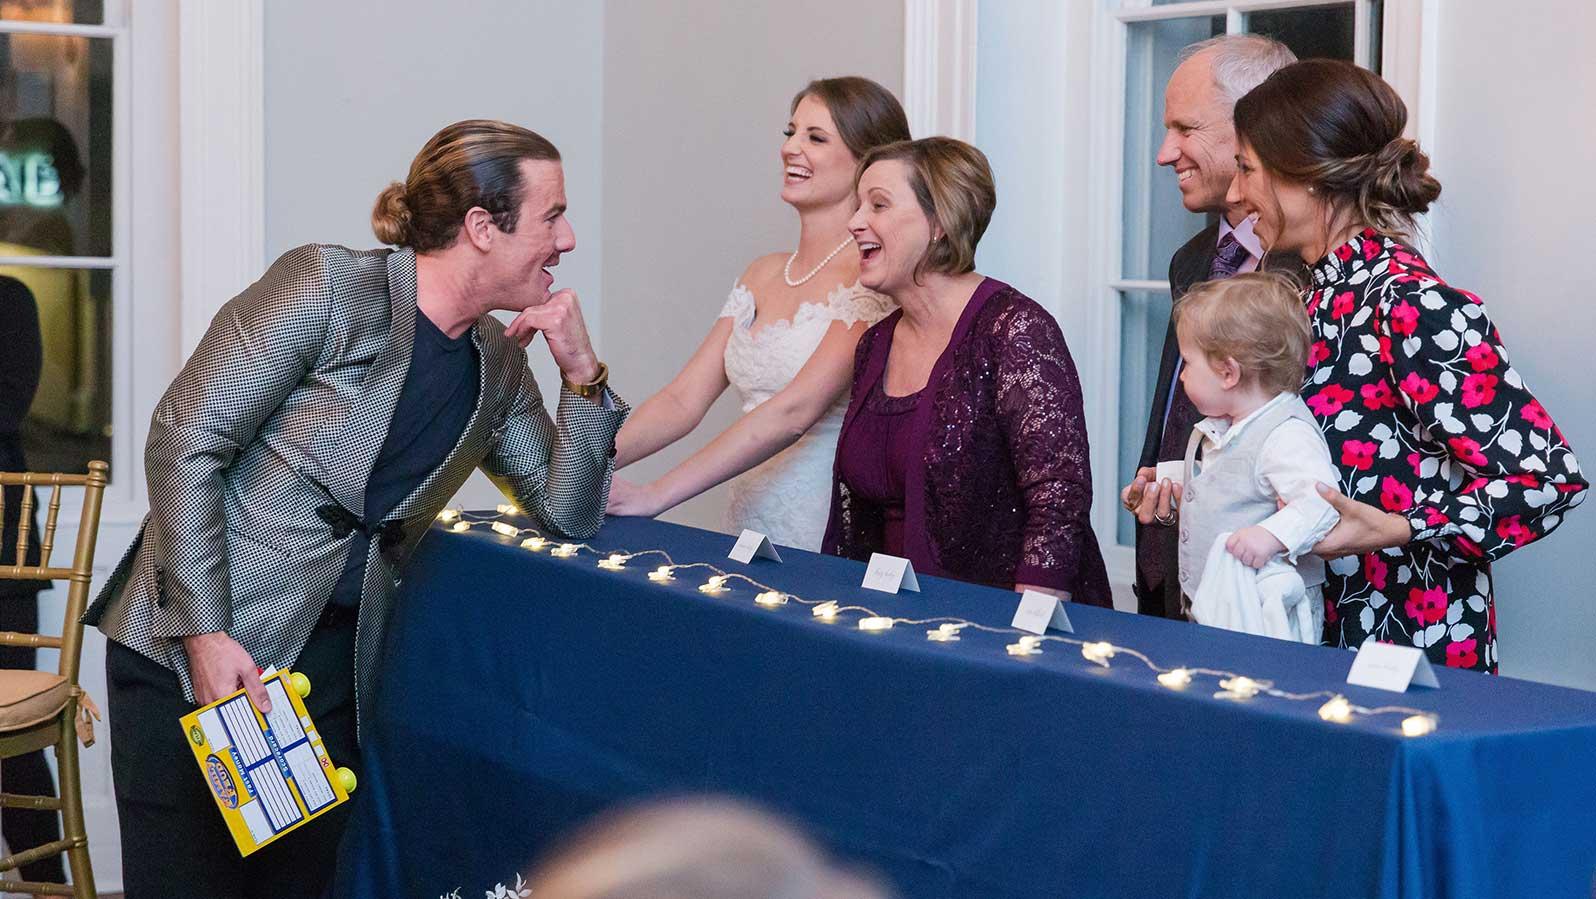 Family Feud wedding